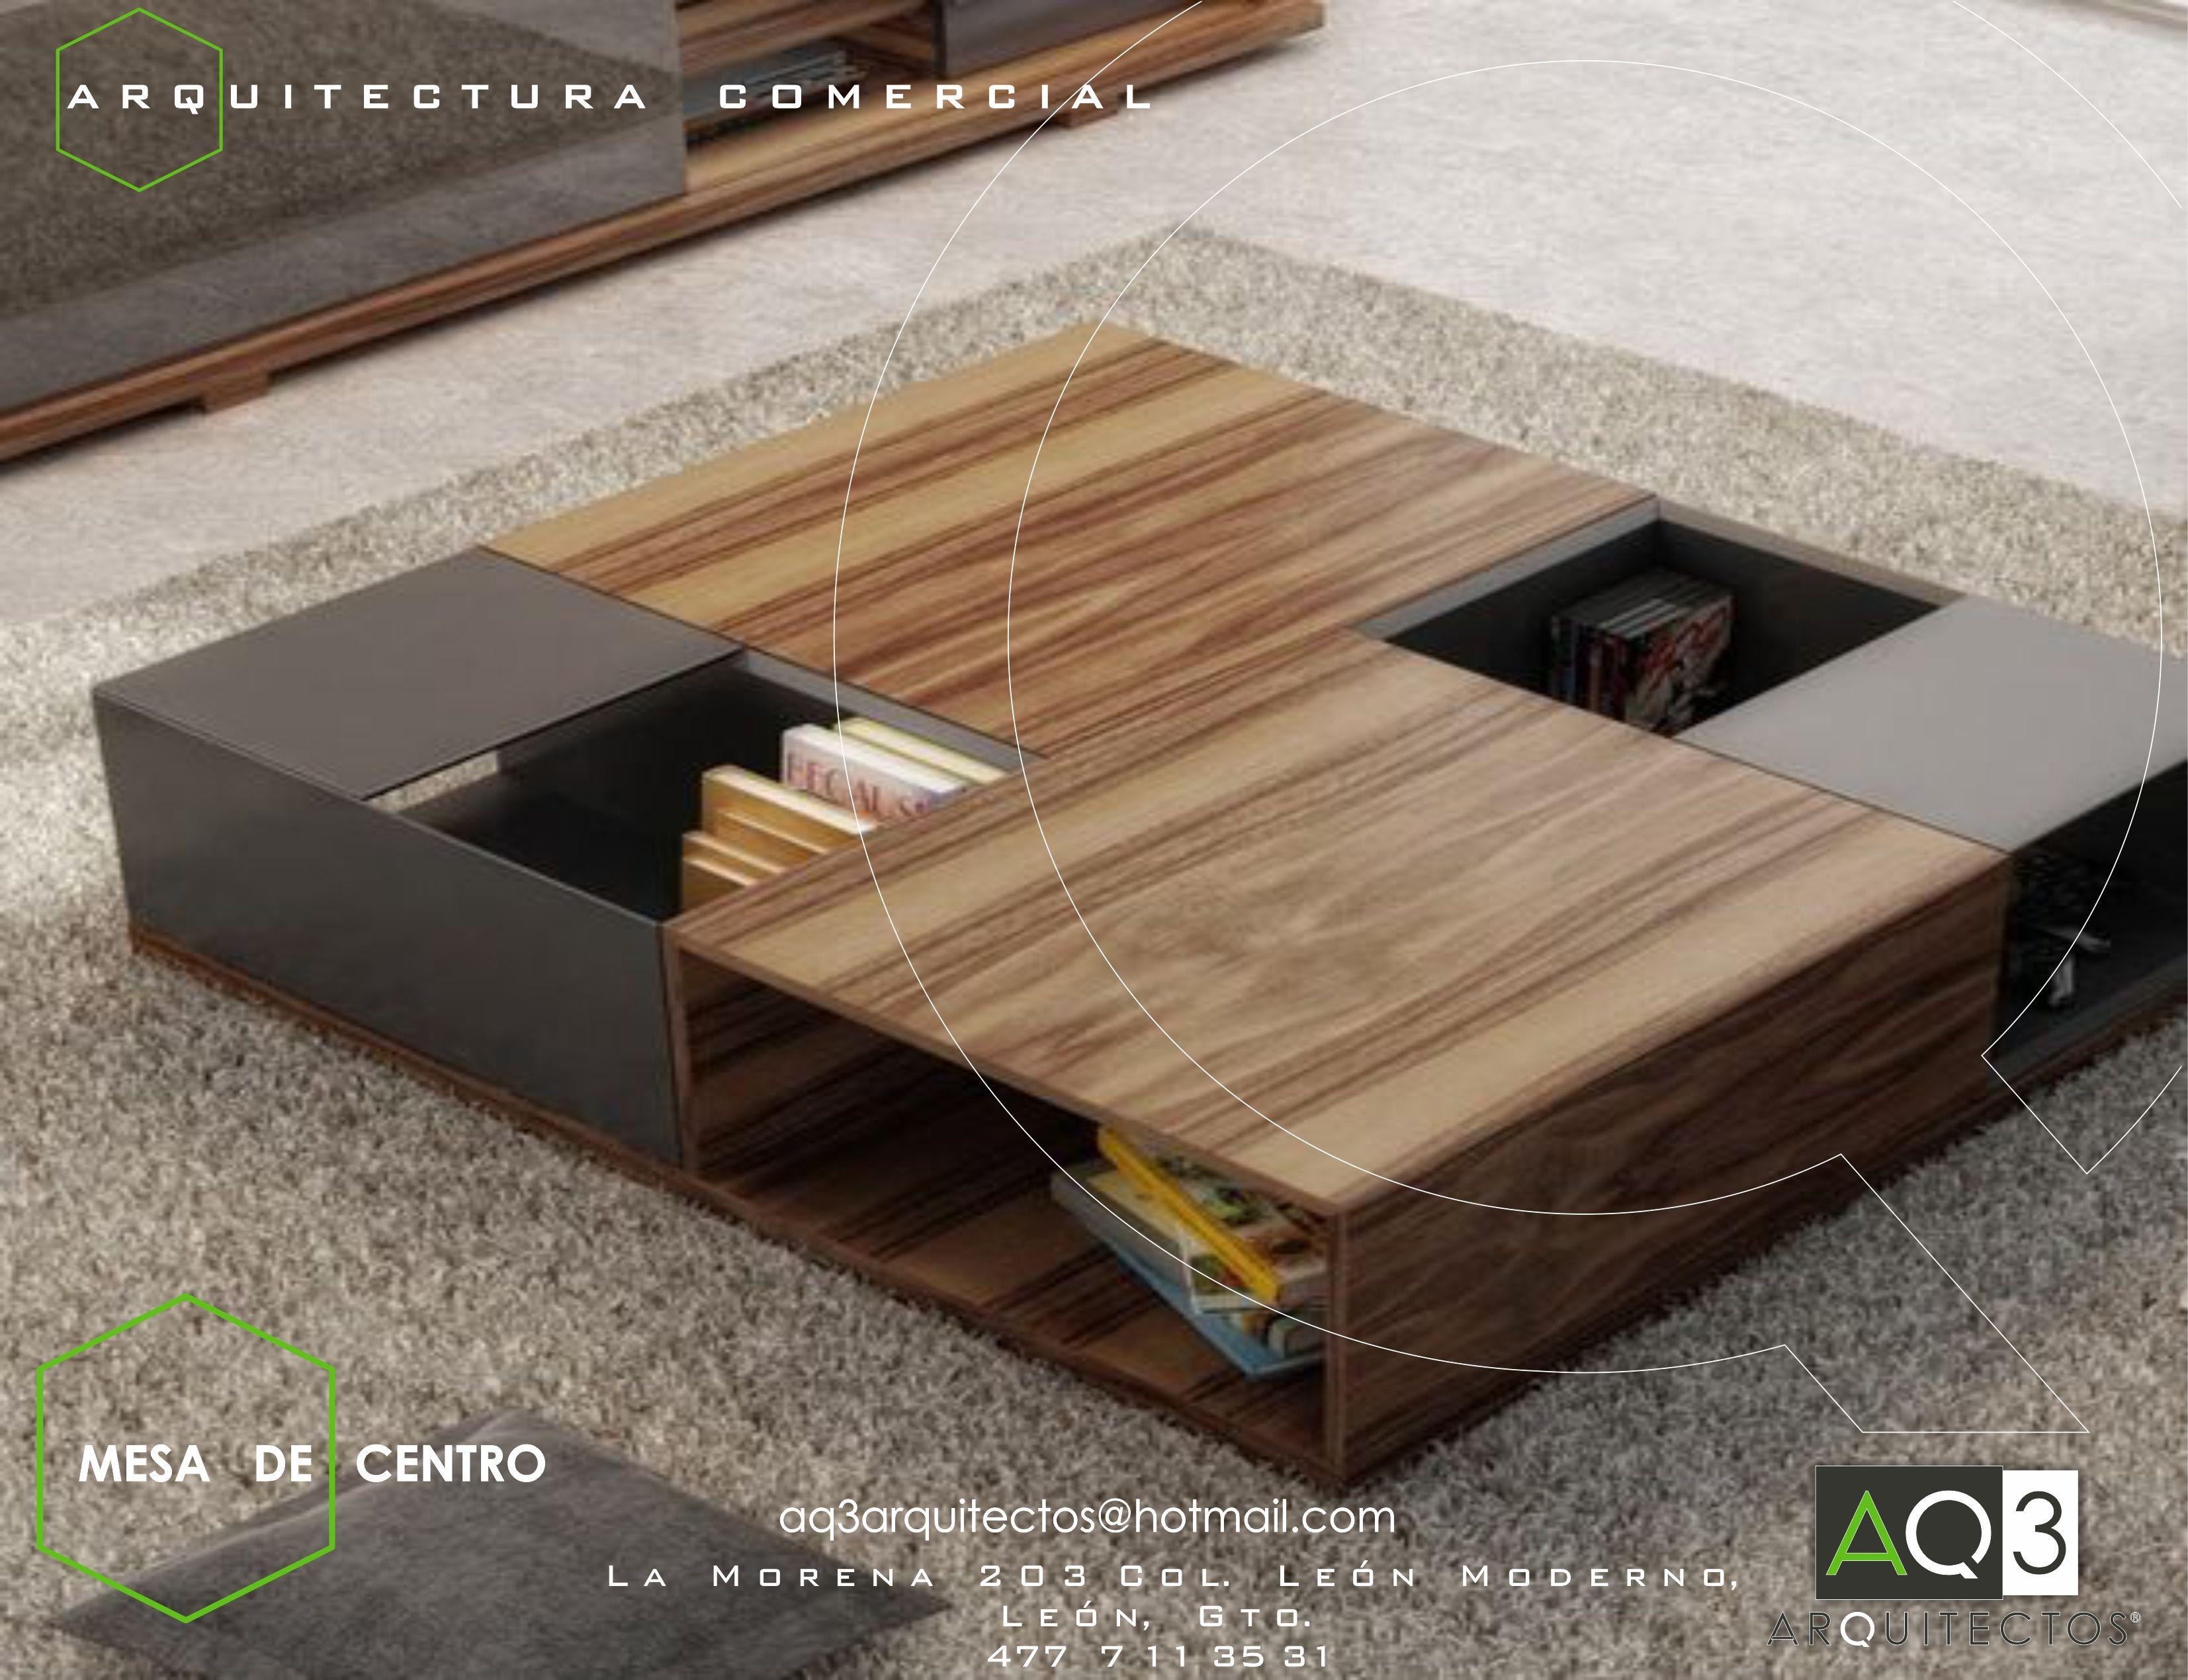 Tenemos Mesas De Centro Ideales Para Tu Casa Dise O Mexicano  # Muebles Zb Zaragoza